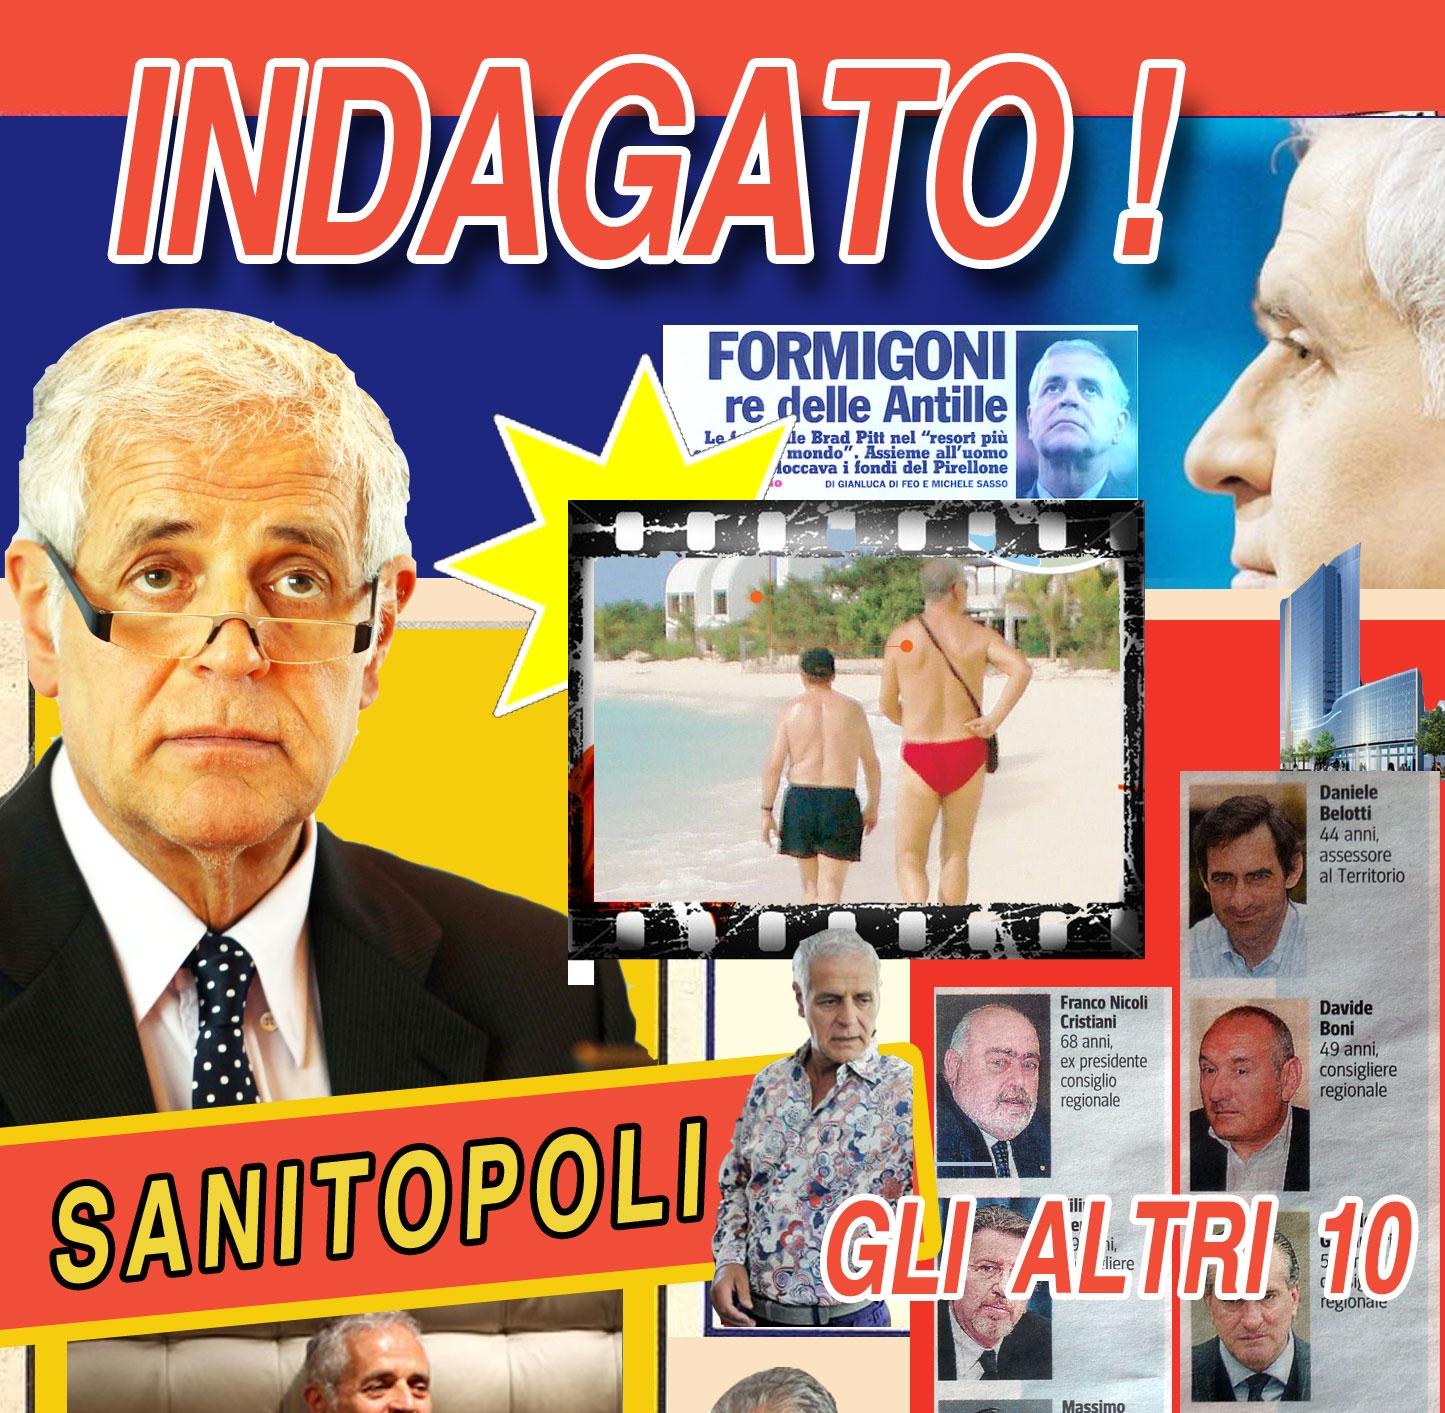 L'Infedele: Europaura e scandalo Formigoni